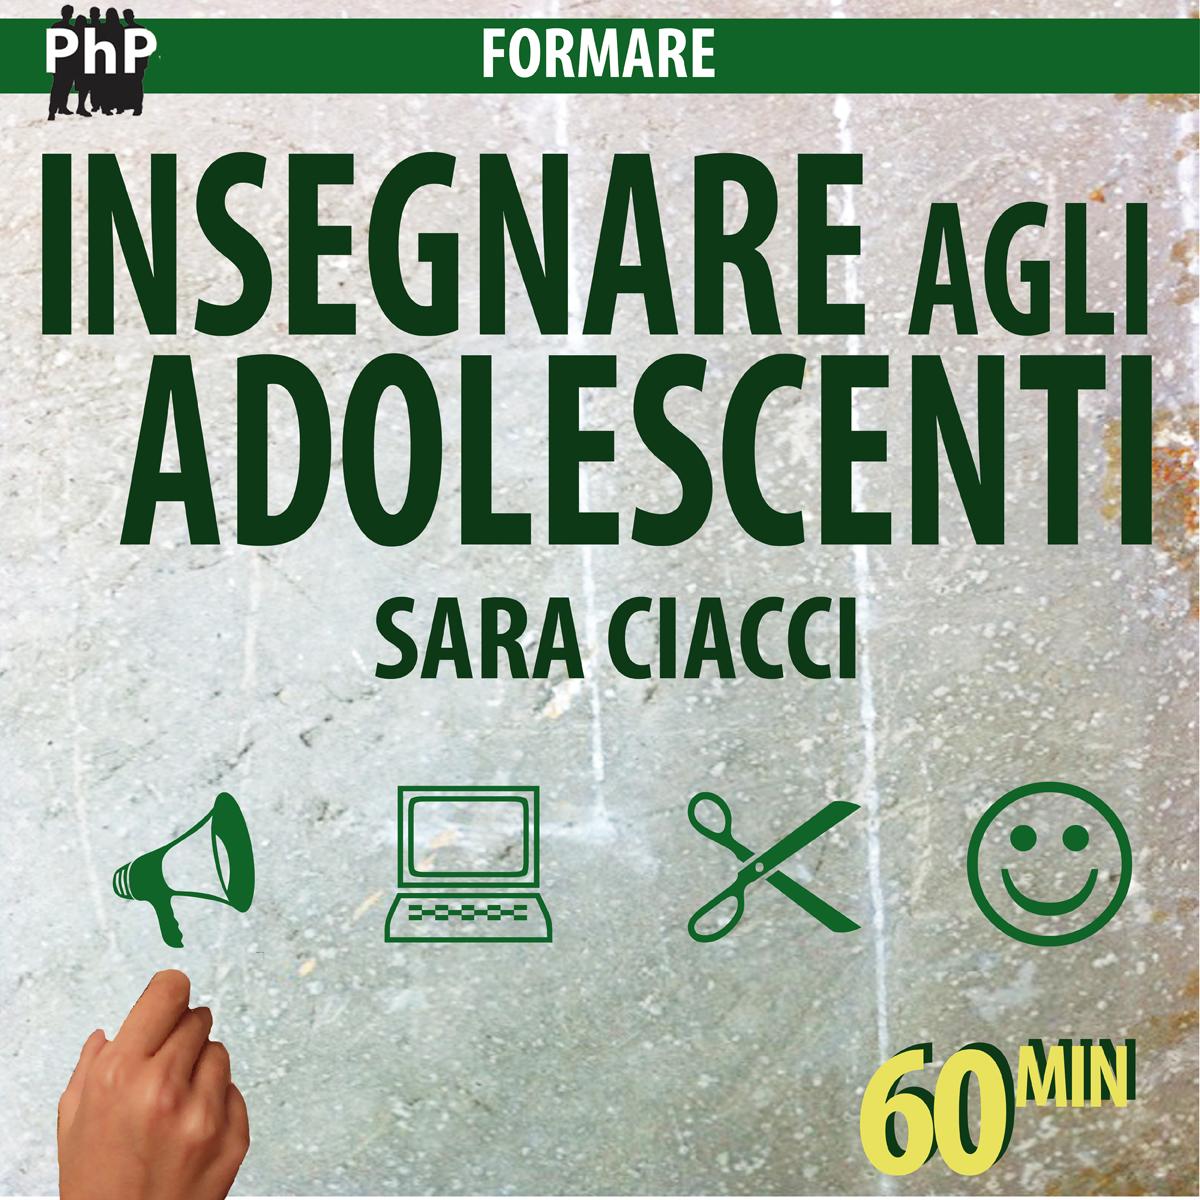 Insegnare agli adolescenti-0